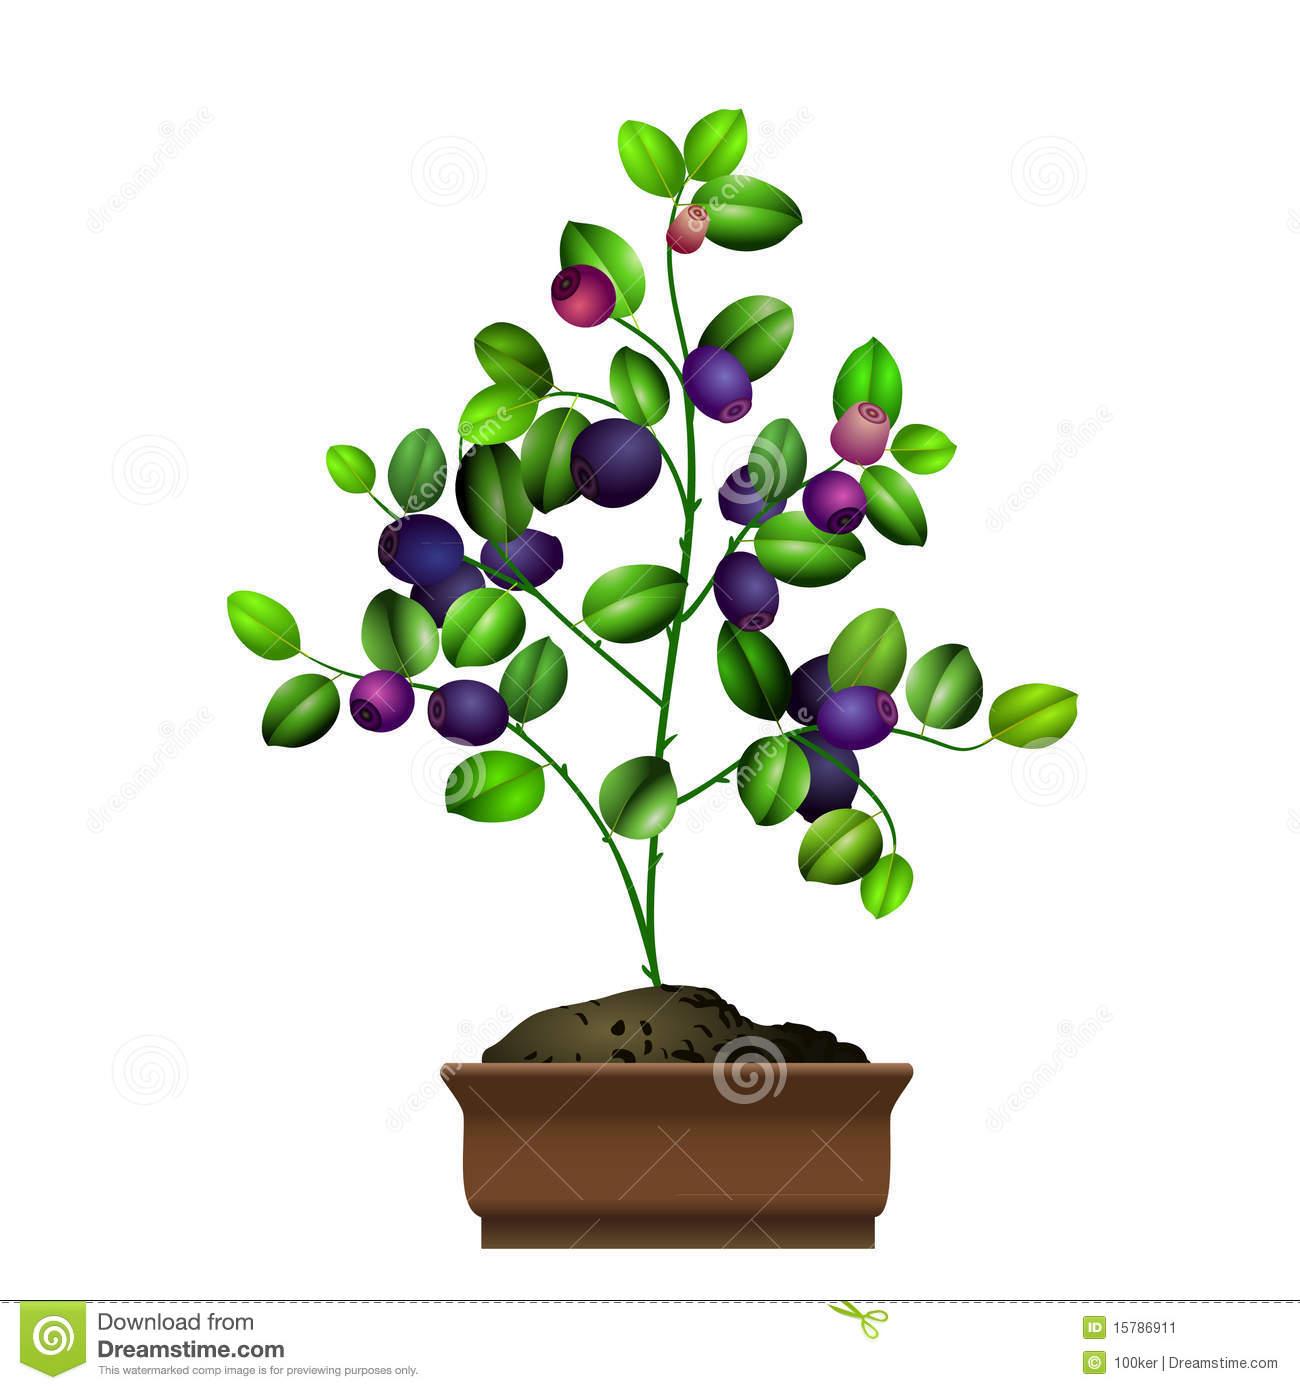 Blueberry bush clipart.